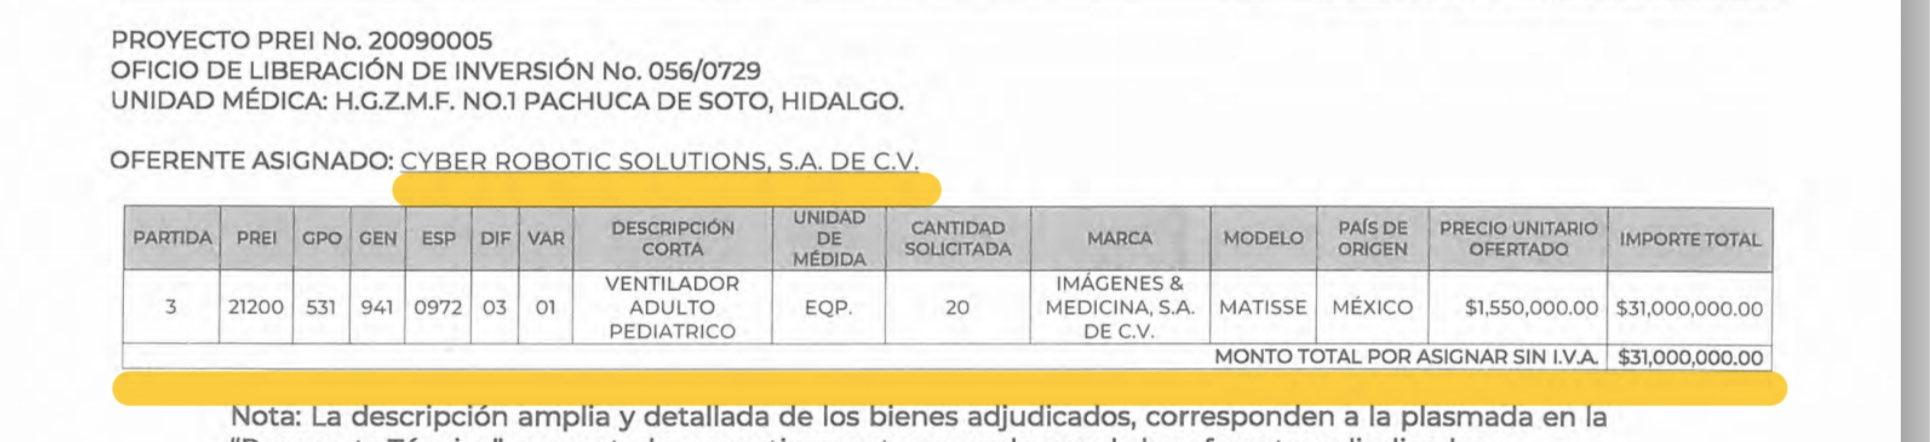 Hijo de Manuel Bartlett vende ventiladores a más de un millón de pesos  Hijo de Manuel Bartlett vende ventiladores a precios elevados al IMSS EW8gJ KX0AI2cqD format jpg name large